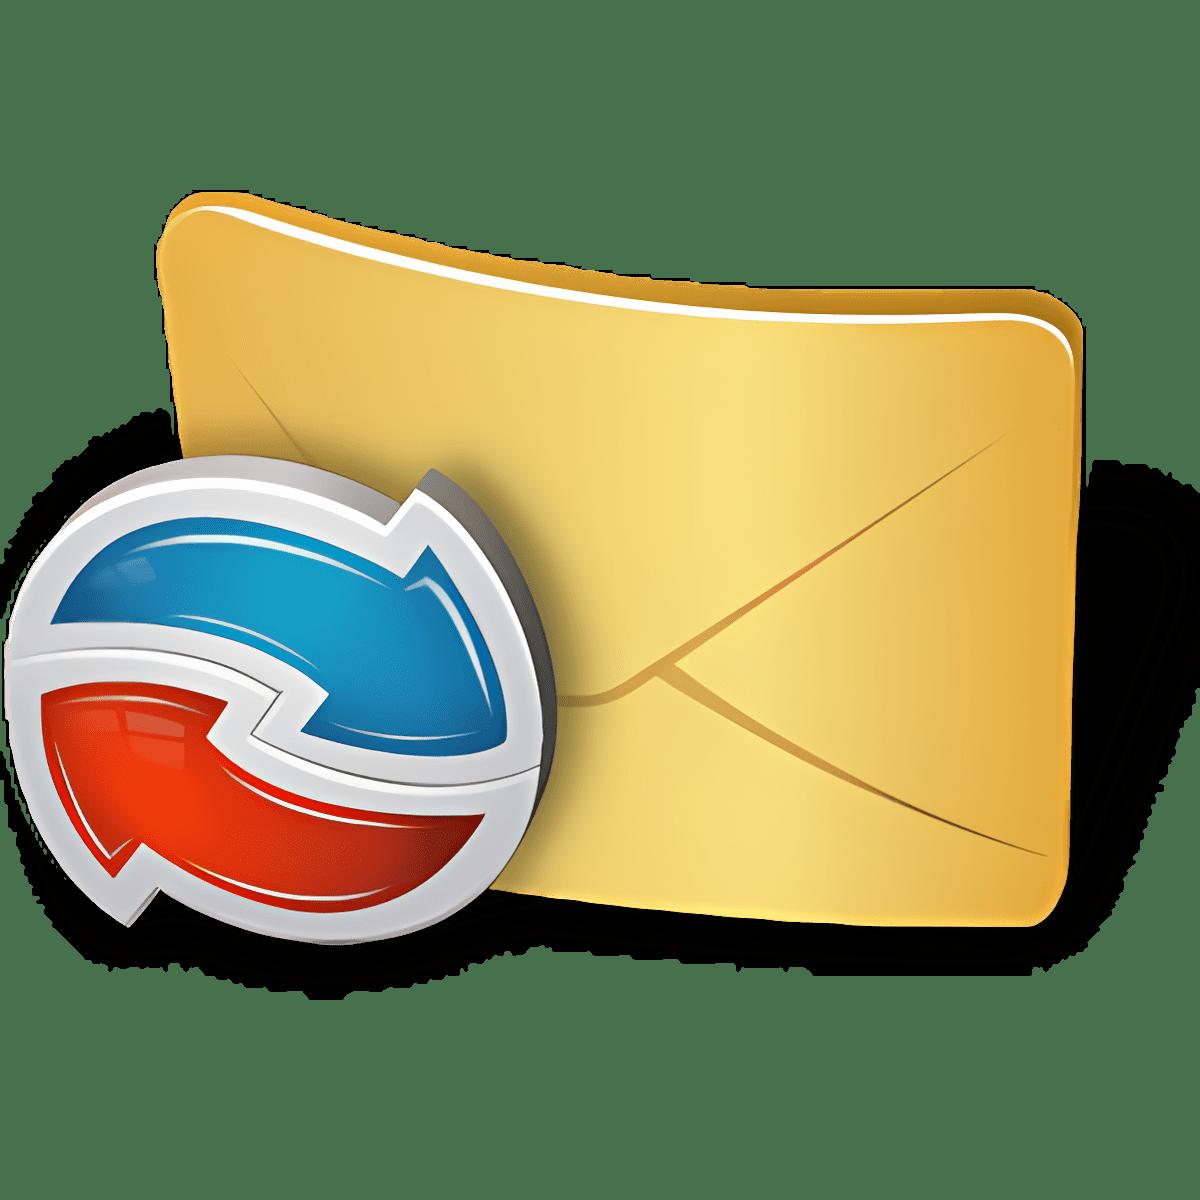 Exchange by TouchDown Key